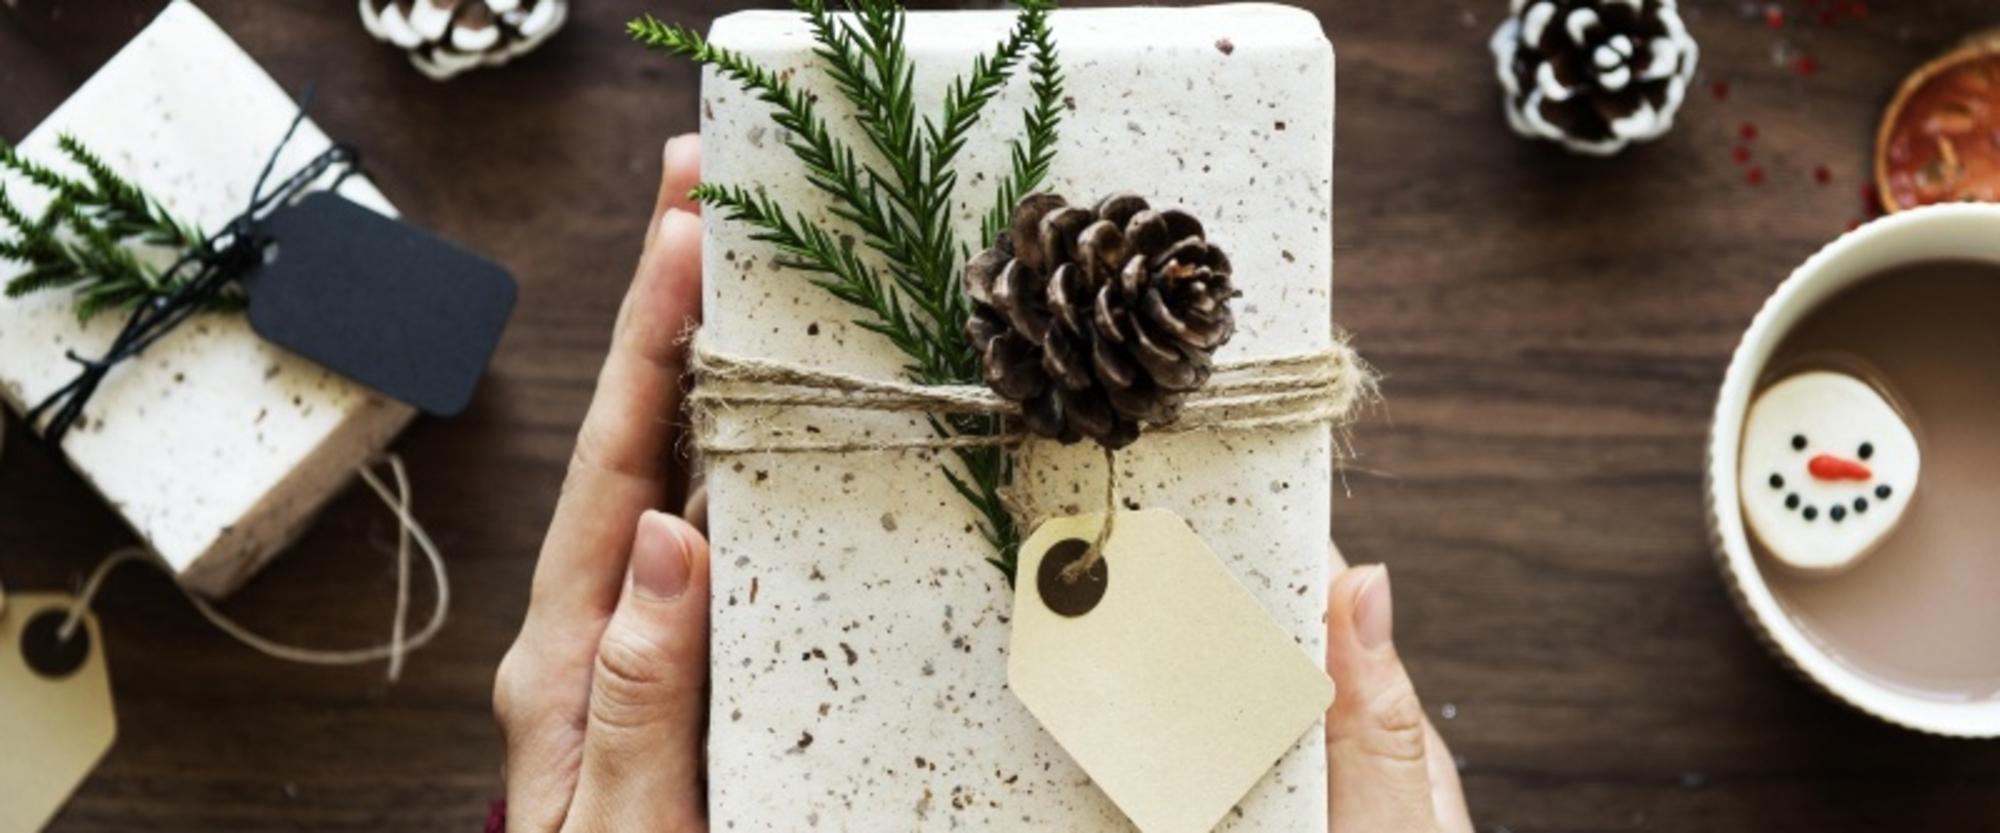 دليلك لاختيار أفضل هدايا التكنولوجيا لأحبائك في موسم الأعياد